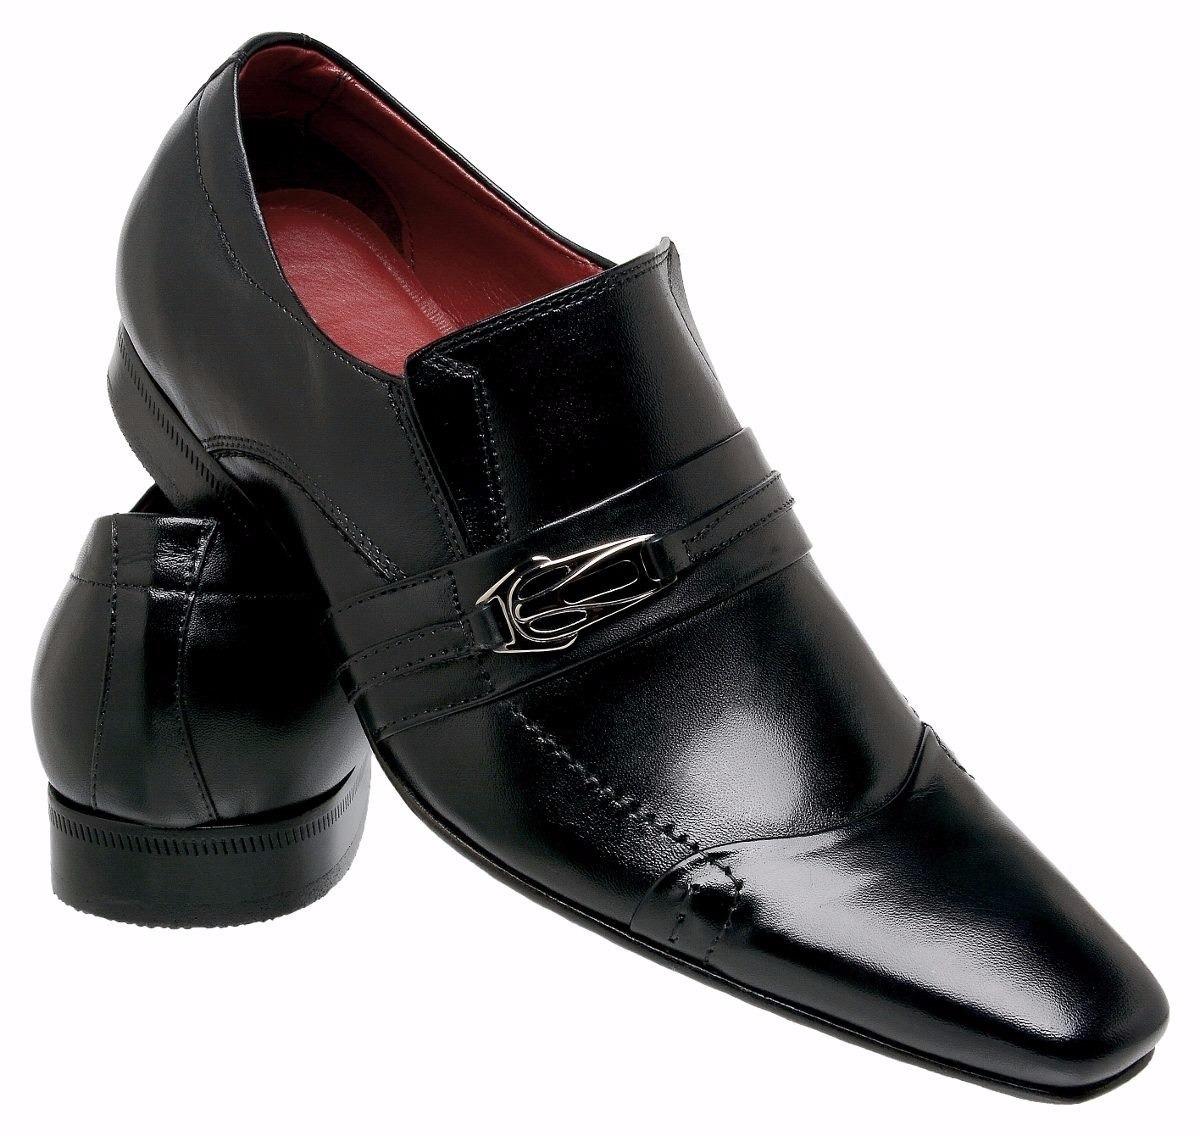 7e1542ca79 Sapato Social Modelo Italiano Paulo Vieira Ref 405 - R$ 185,00 em ...